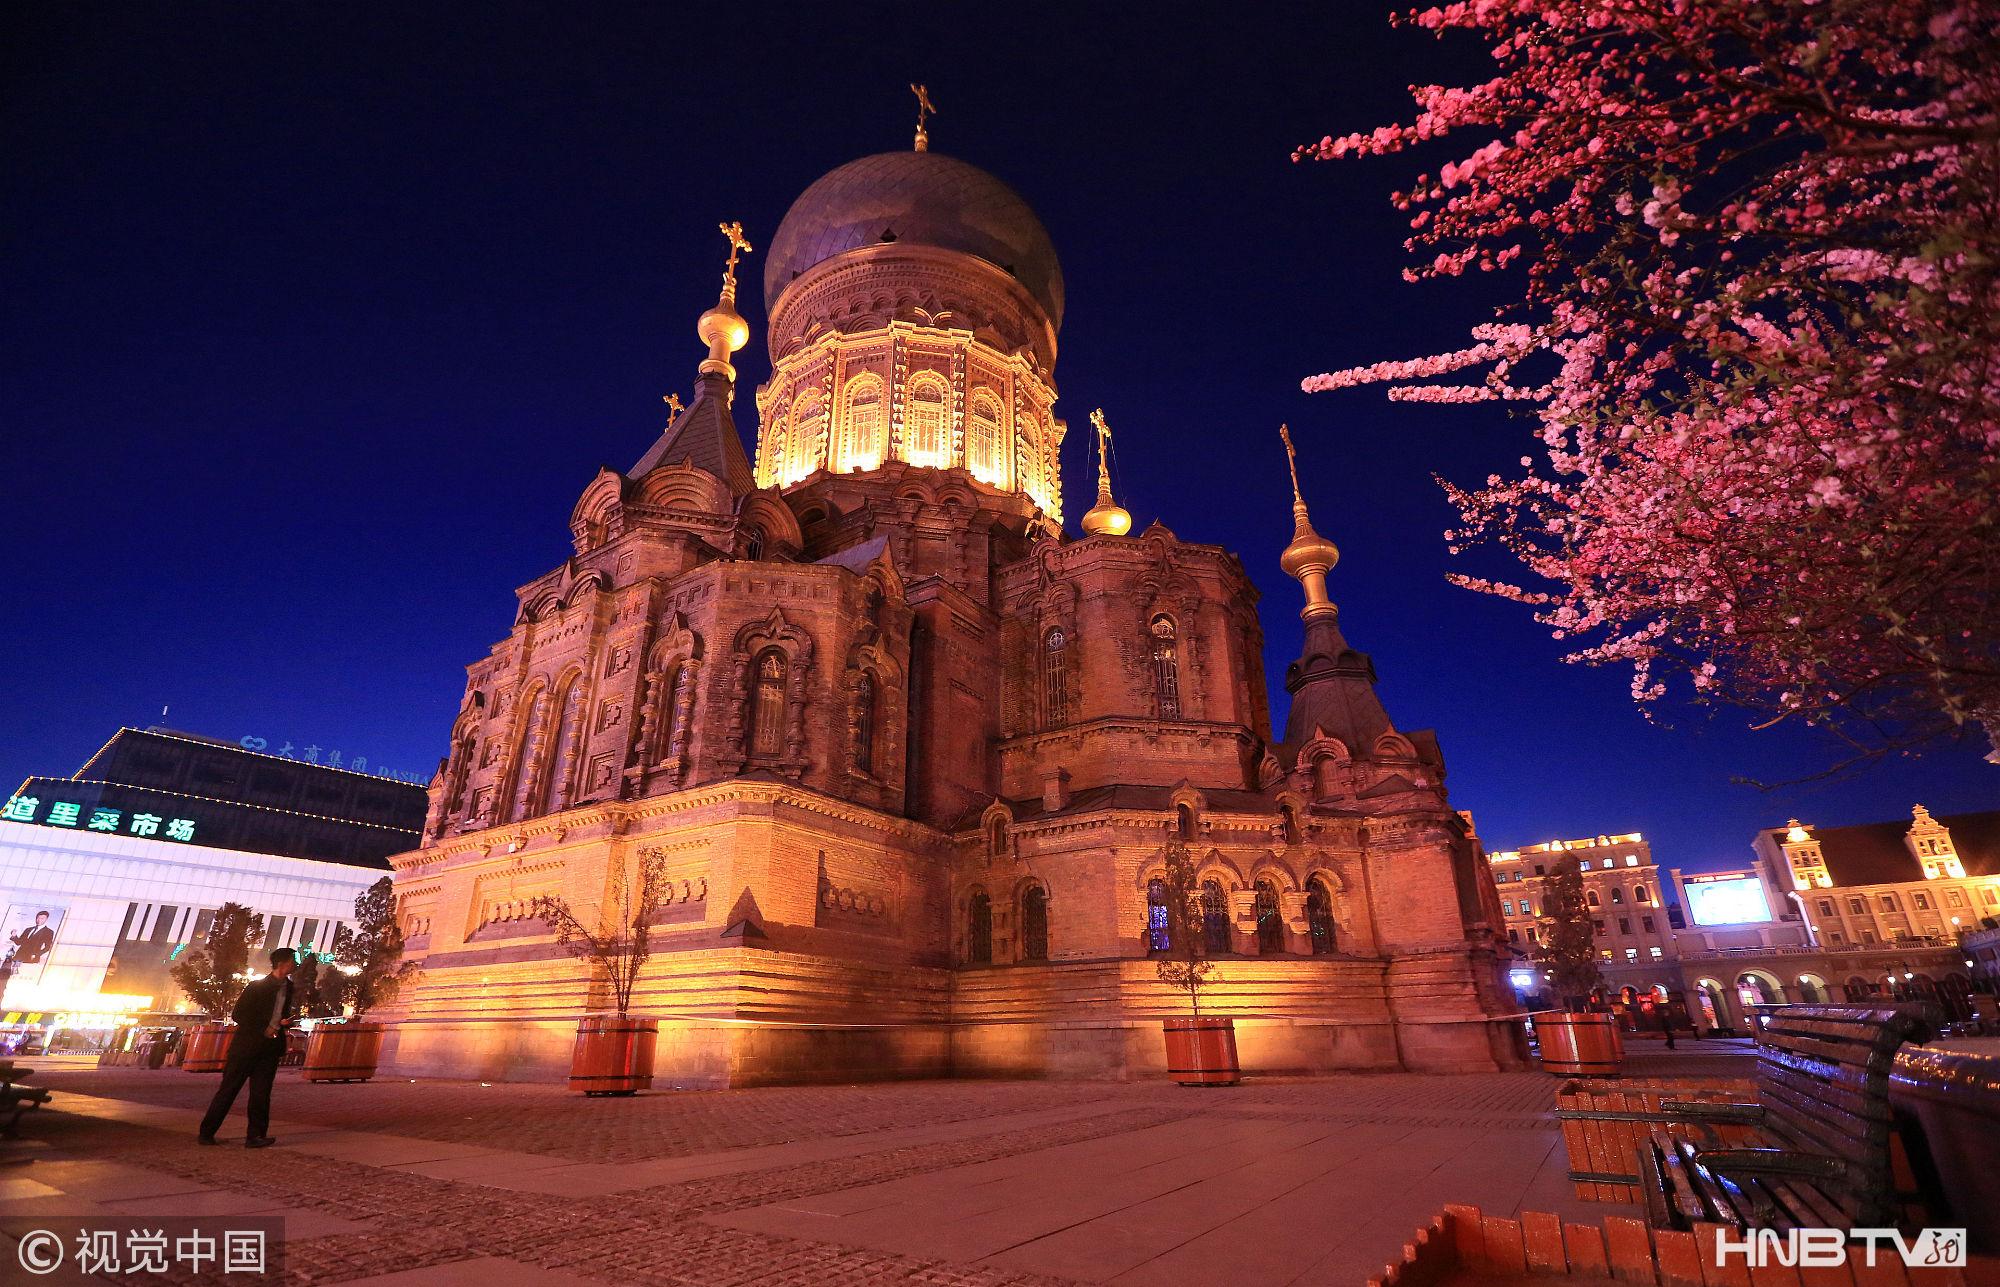 哈尔滨榆叶梅花开 索菲亚教堂夜色迷人(组图)